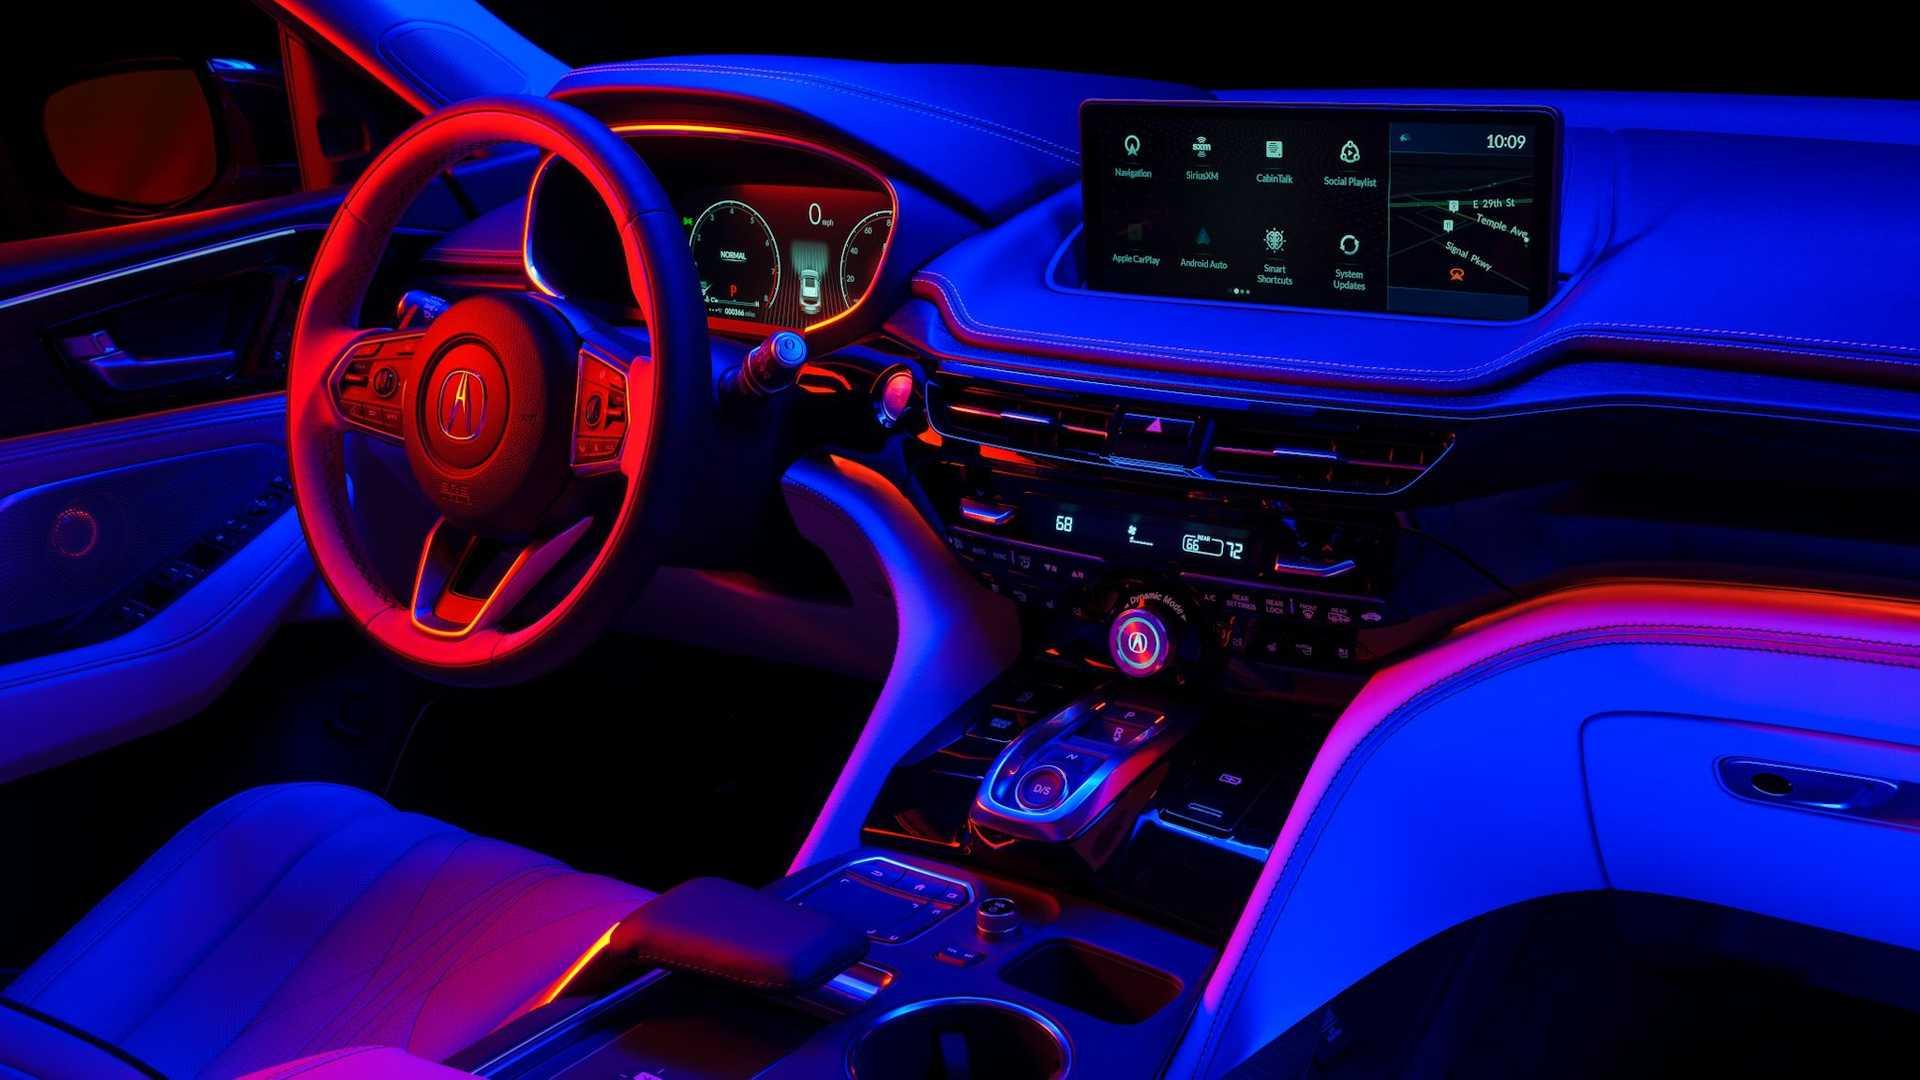 Acura MDX Teaser Shows Premium Interior